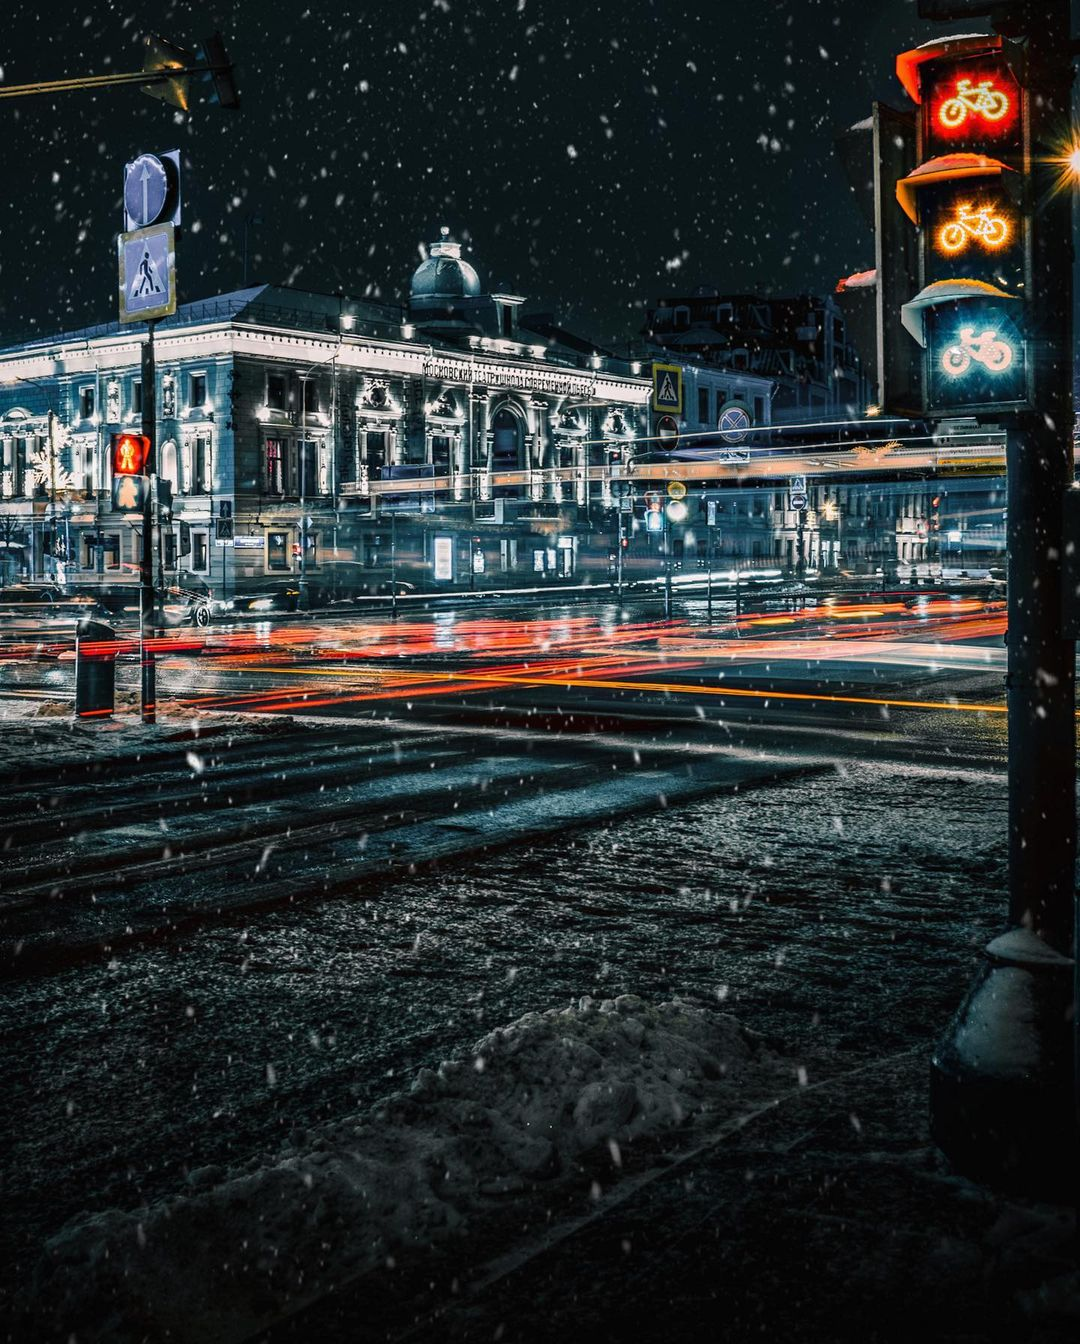 Снимки Москвы от Михаила Деревянова